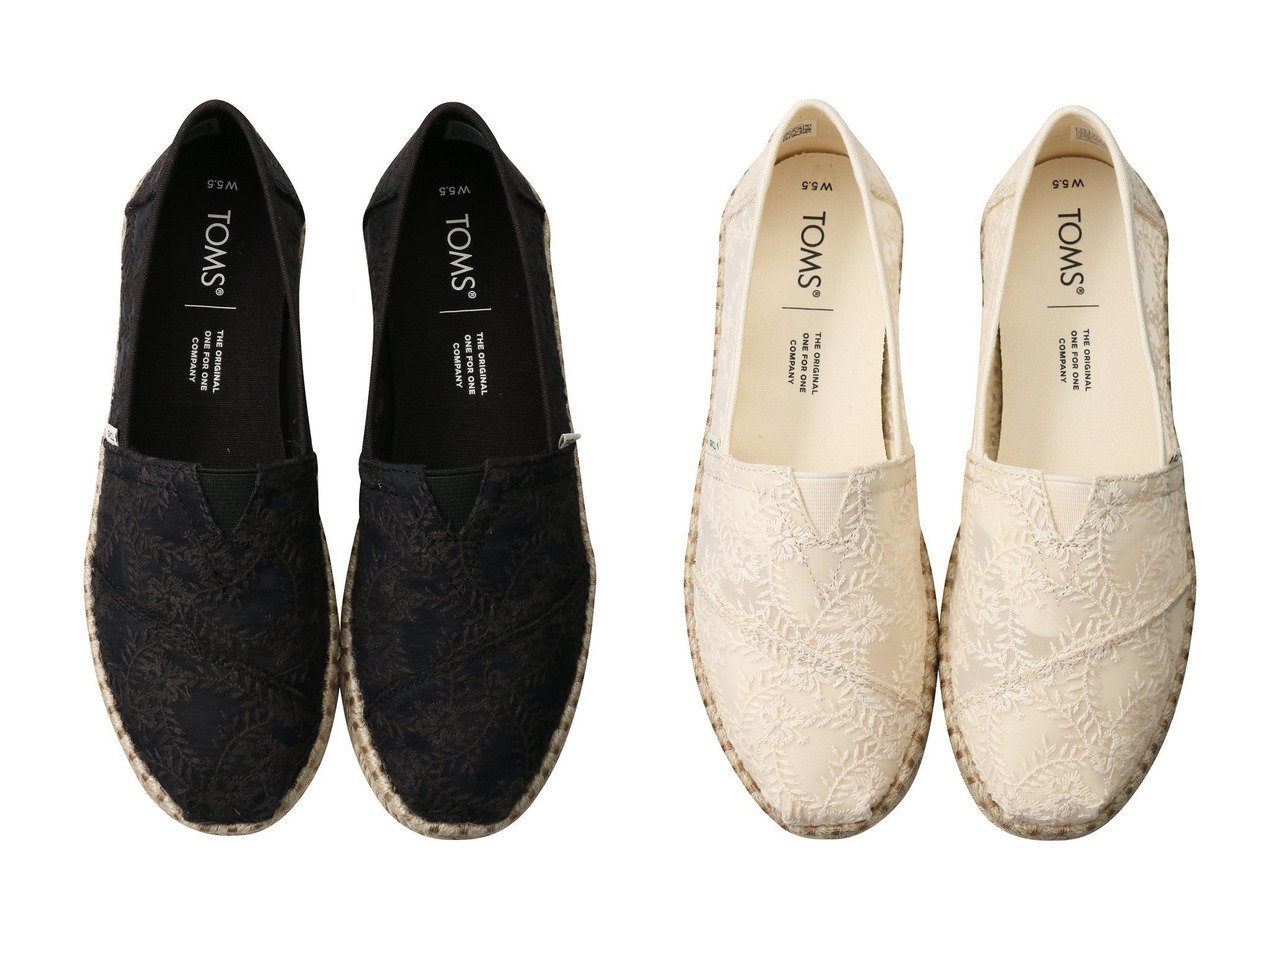 【JET/ジェット】の【TOMS】ブラックハイビスカス フローラルレース アルパルガータ ロープ&【TOMS】ナチュラルハイビスカス フローラルレース アルパルガータ ロープ 【シューズ・靴】おすすめ!人気、トレンド・レディースファッションの通販  おすすめで人気の流行・トレンド、ファッションの通販商品 メンズファッション・キッズファッション・インテリア・家具・レディースファッション・服の通販 founy(ファニー) https://founy.com/ ファッション Fashion レディースファッション WOMEN インソール クッション シューズ スリッポン トラベル フラット レース |ID:crp329100000034614